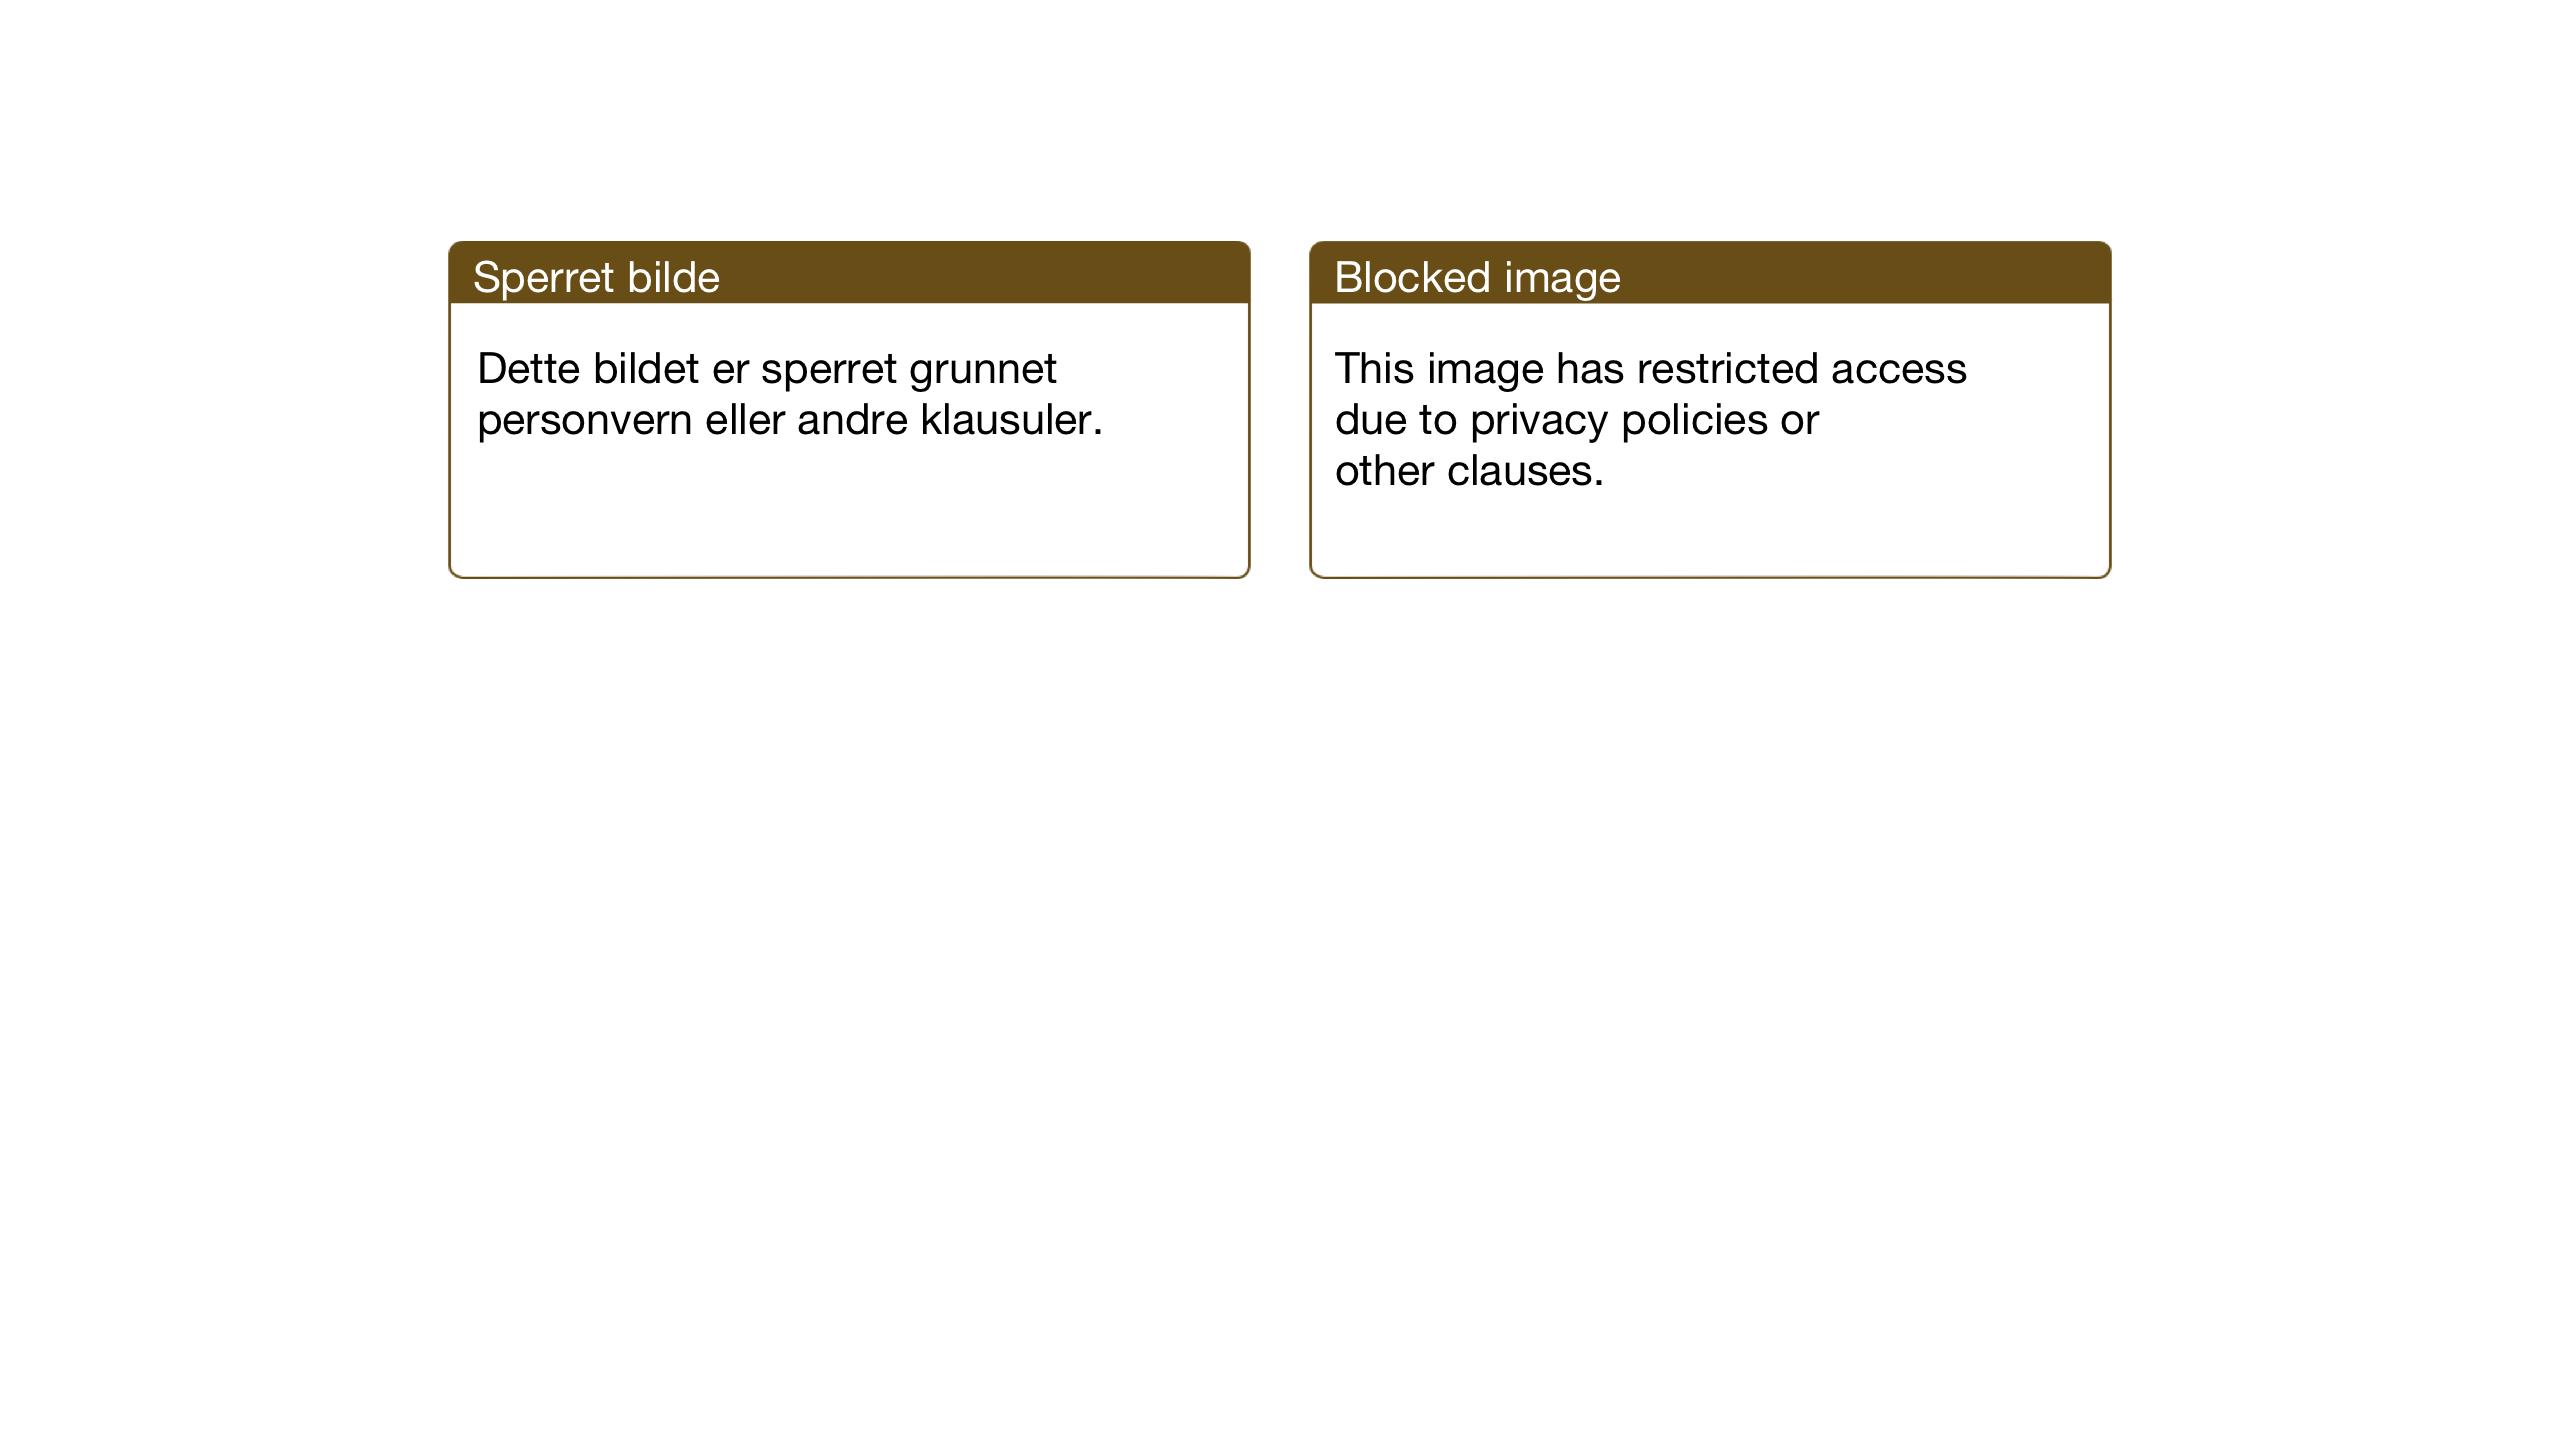 SAT, Ministerialprotokoller, klokkerbøker og fødselsregistre - Sør-Trøndelag, 603/L0173: Klokkerbok nr. 603C01, 1907-1962, s. 74